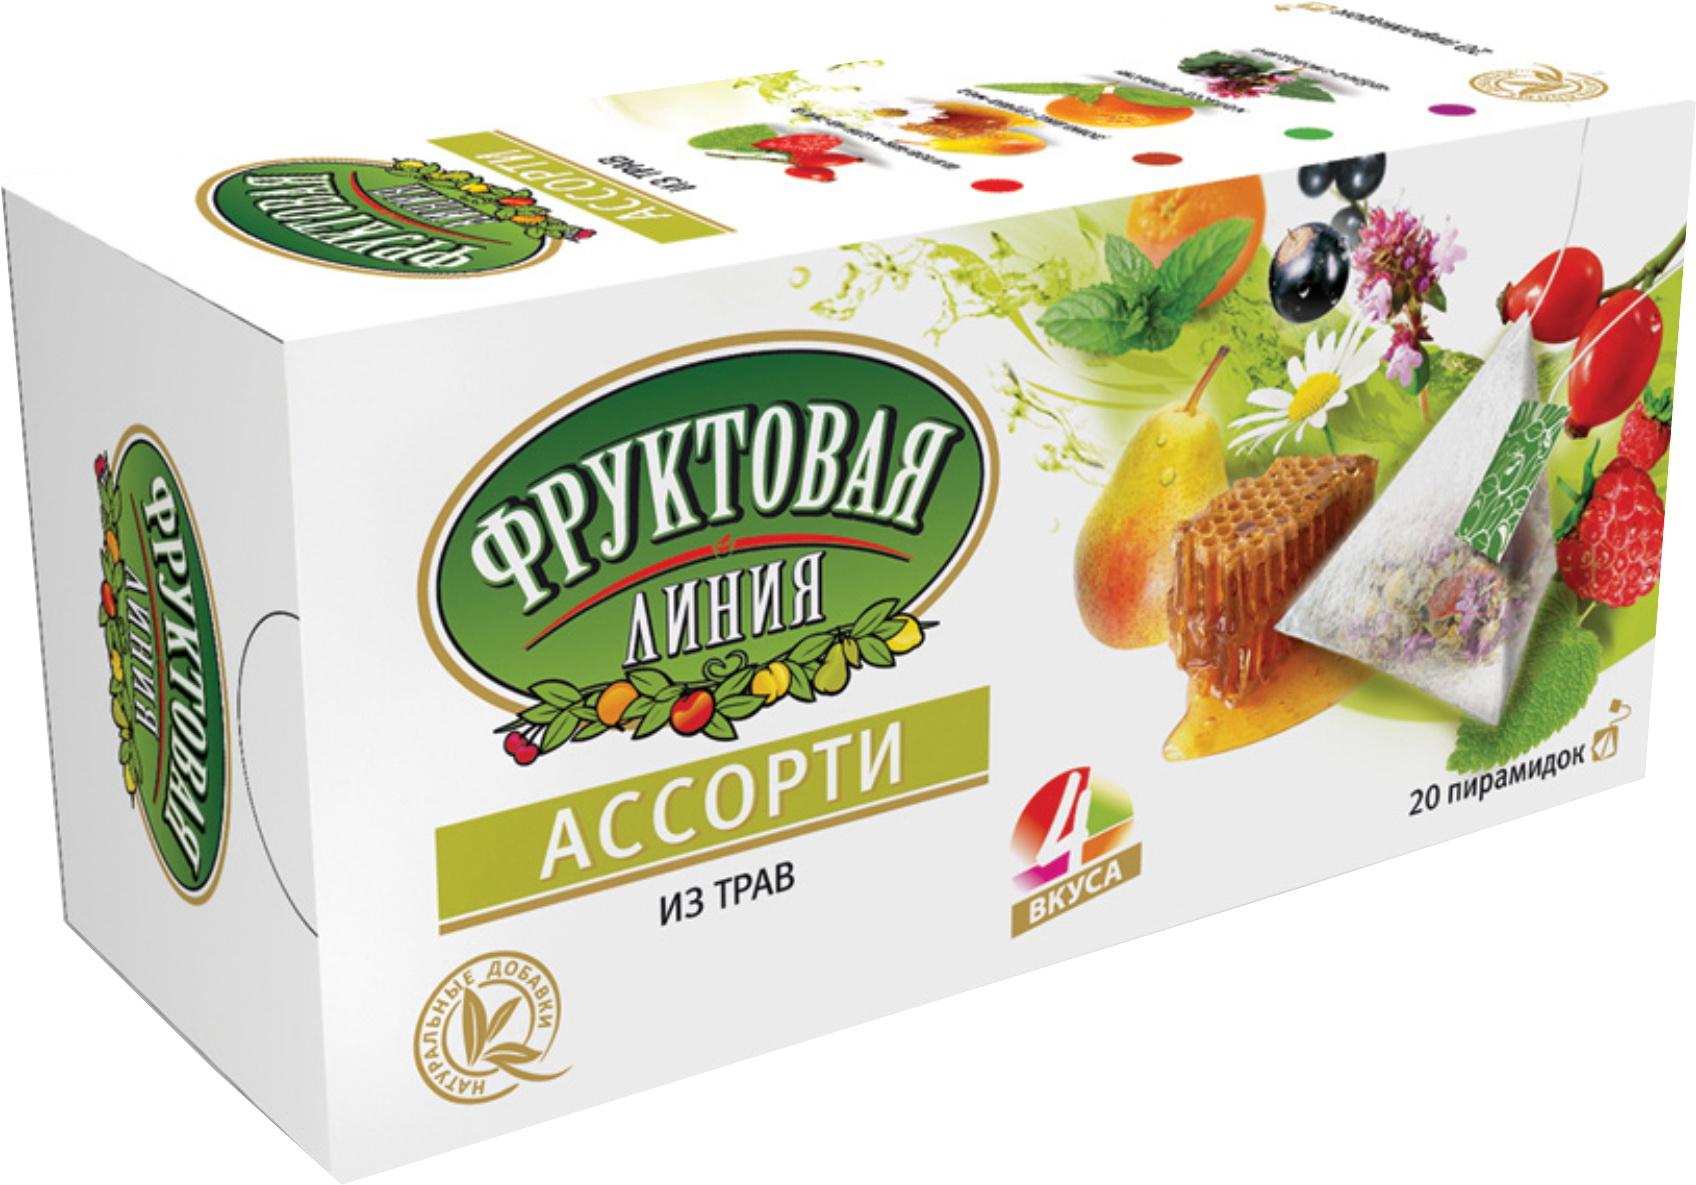 Фруктовая линия Ассорти травяной чай в пирамидках, 20 шт (4 вкуса)0120710Фруктовая линия - это яркая коллекция травяного, ягодного и фруктового чаев с великолепными ароматами в популярном формате Ассорти.